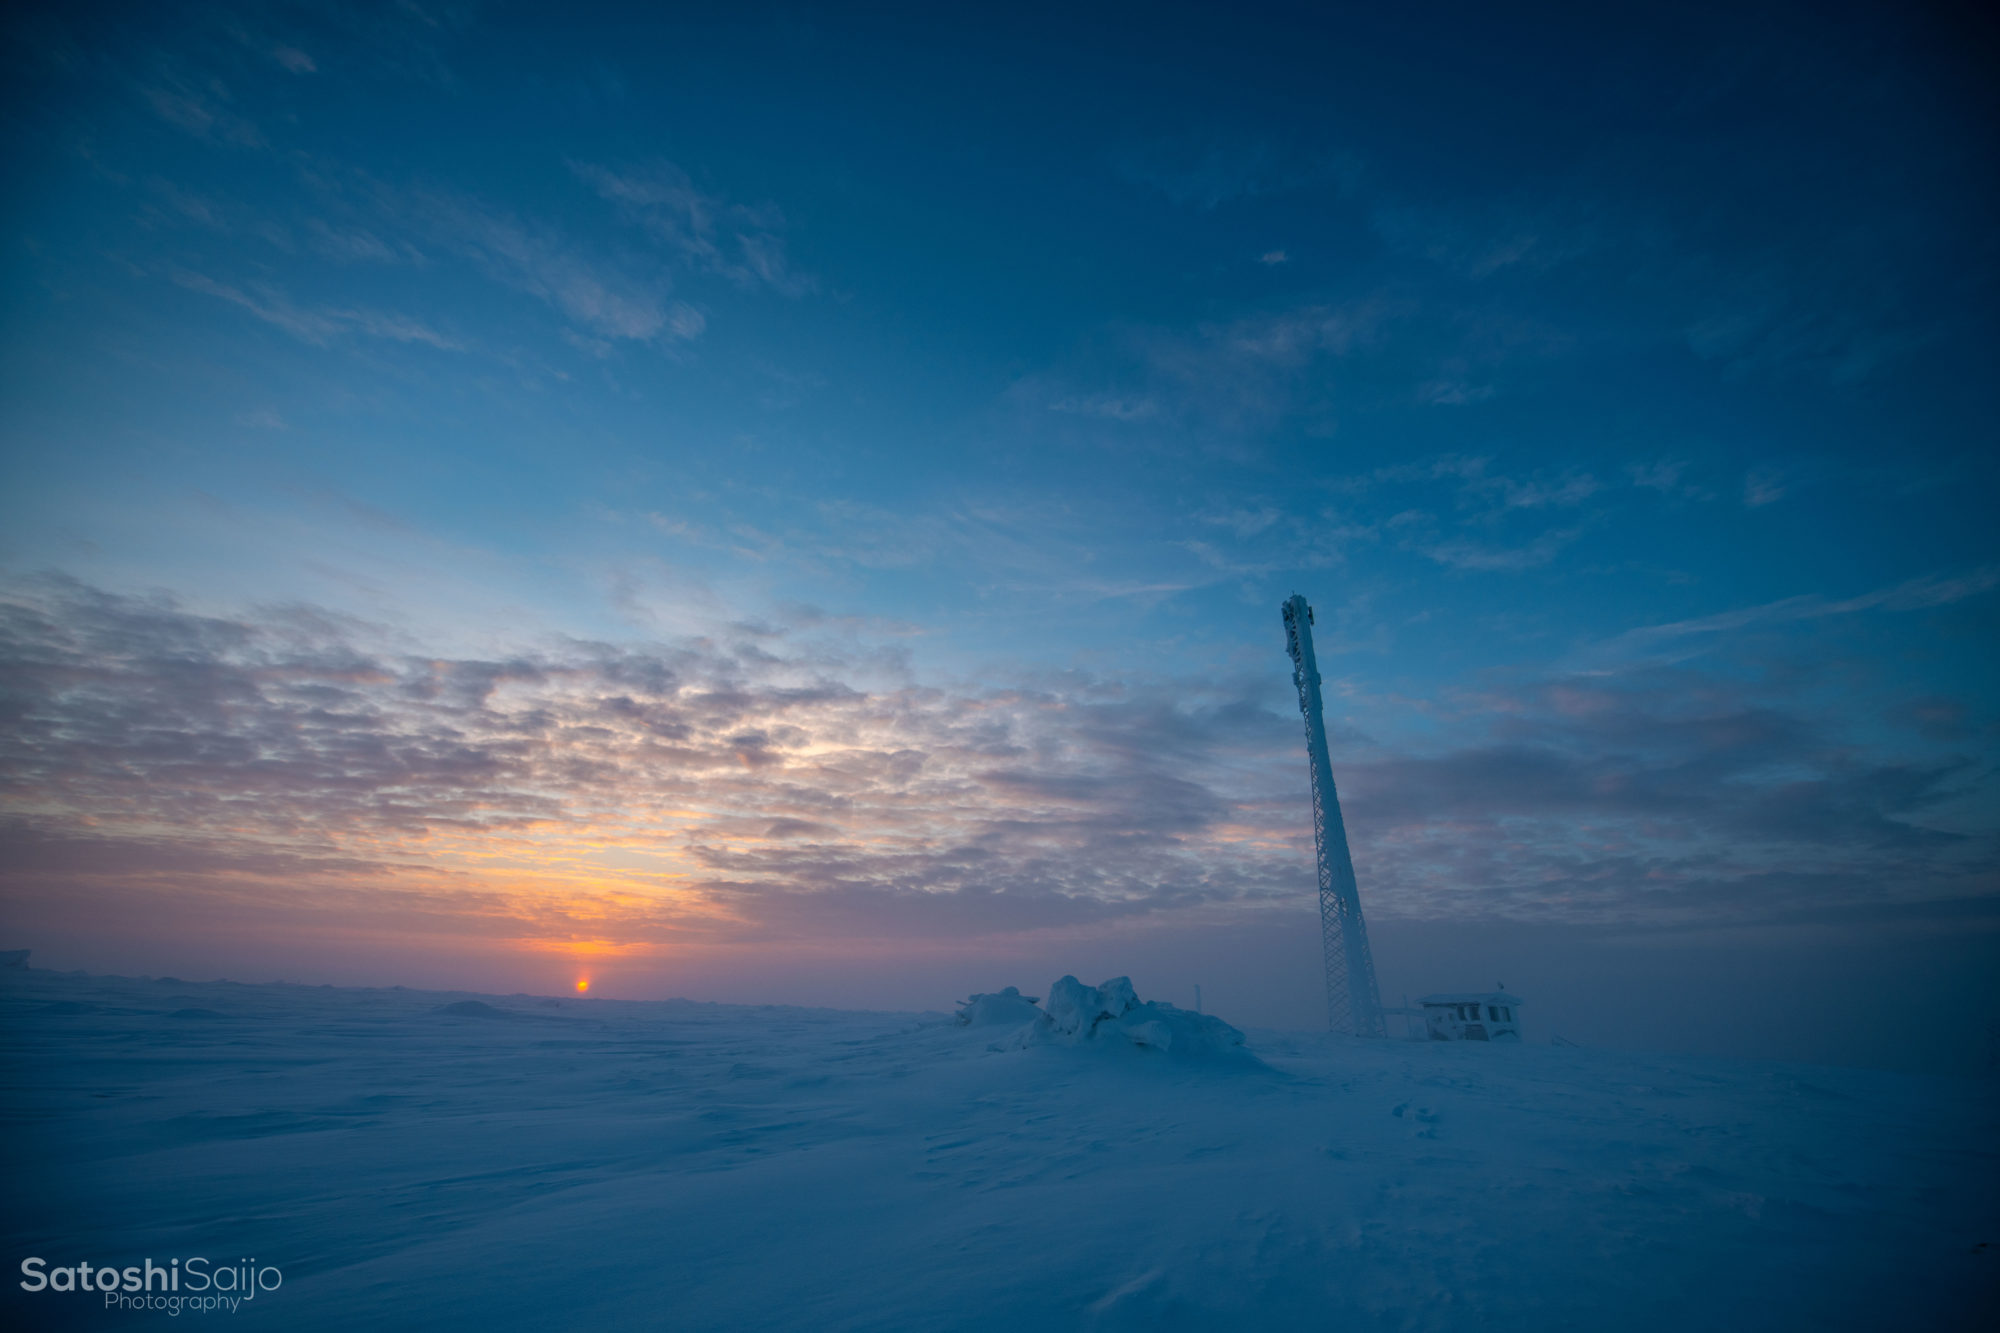 北極圏のスキー場の絶景